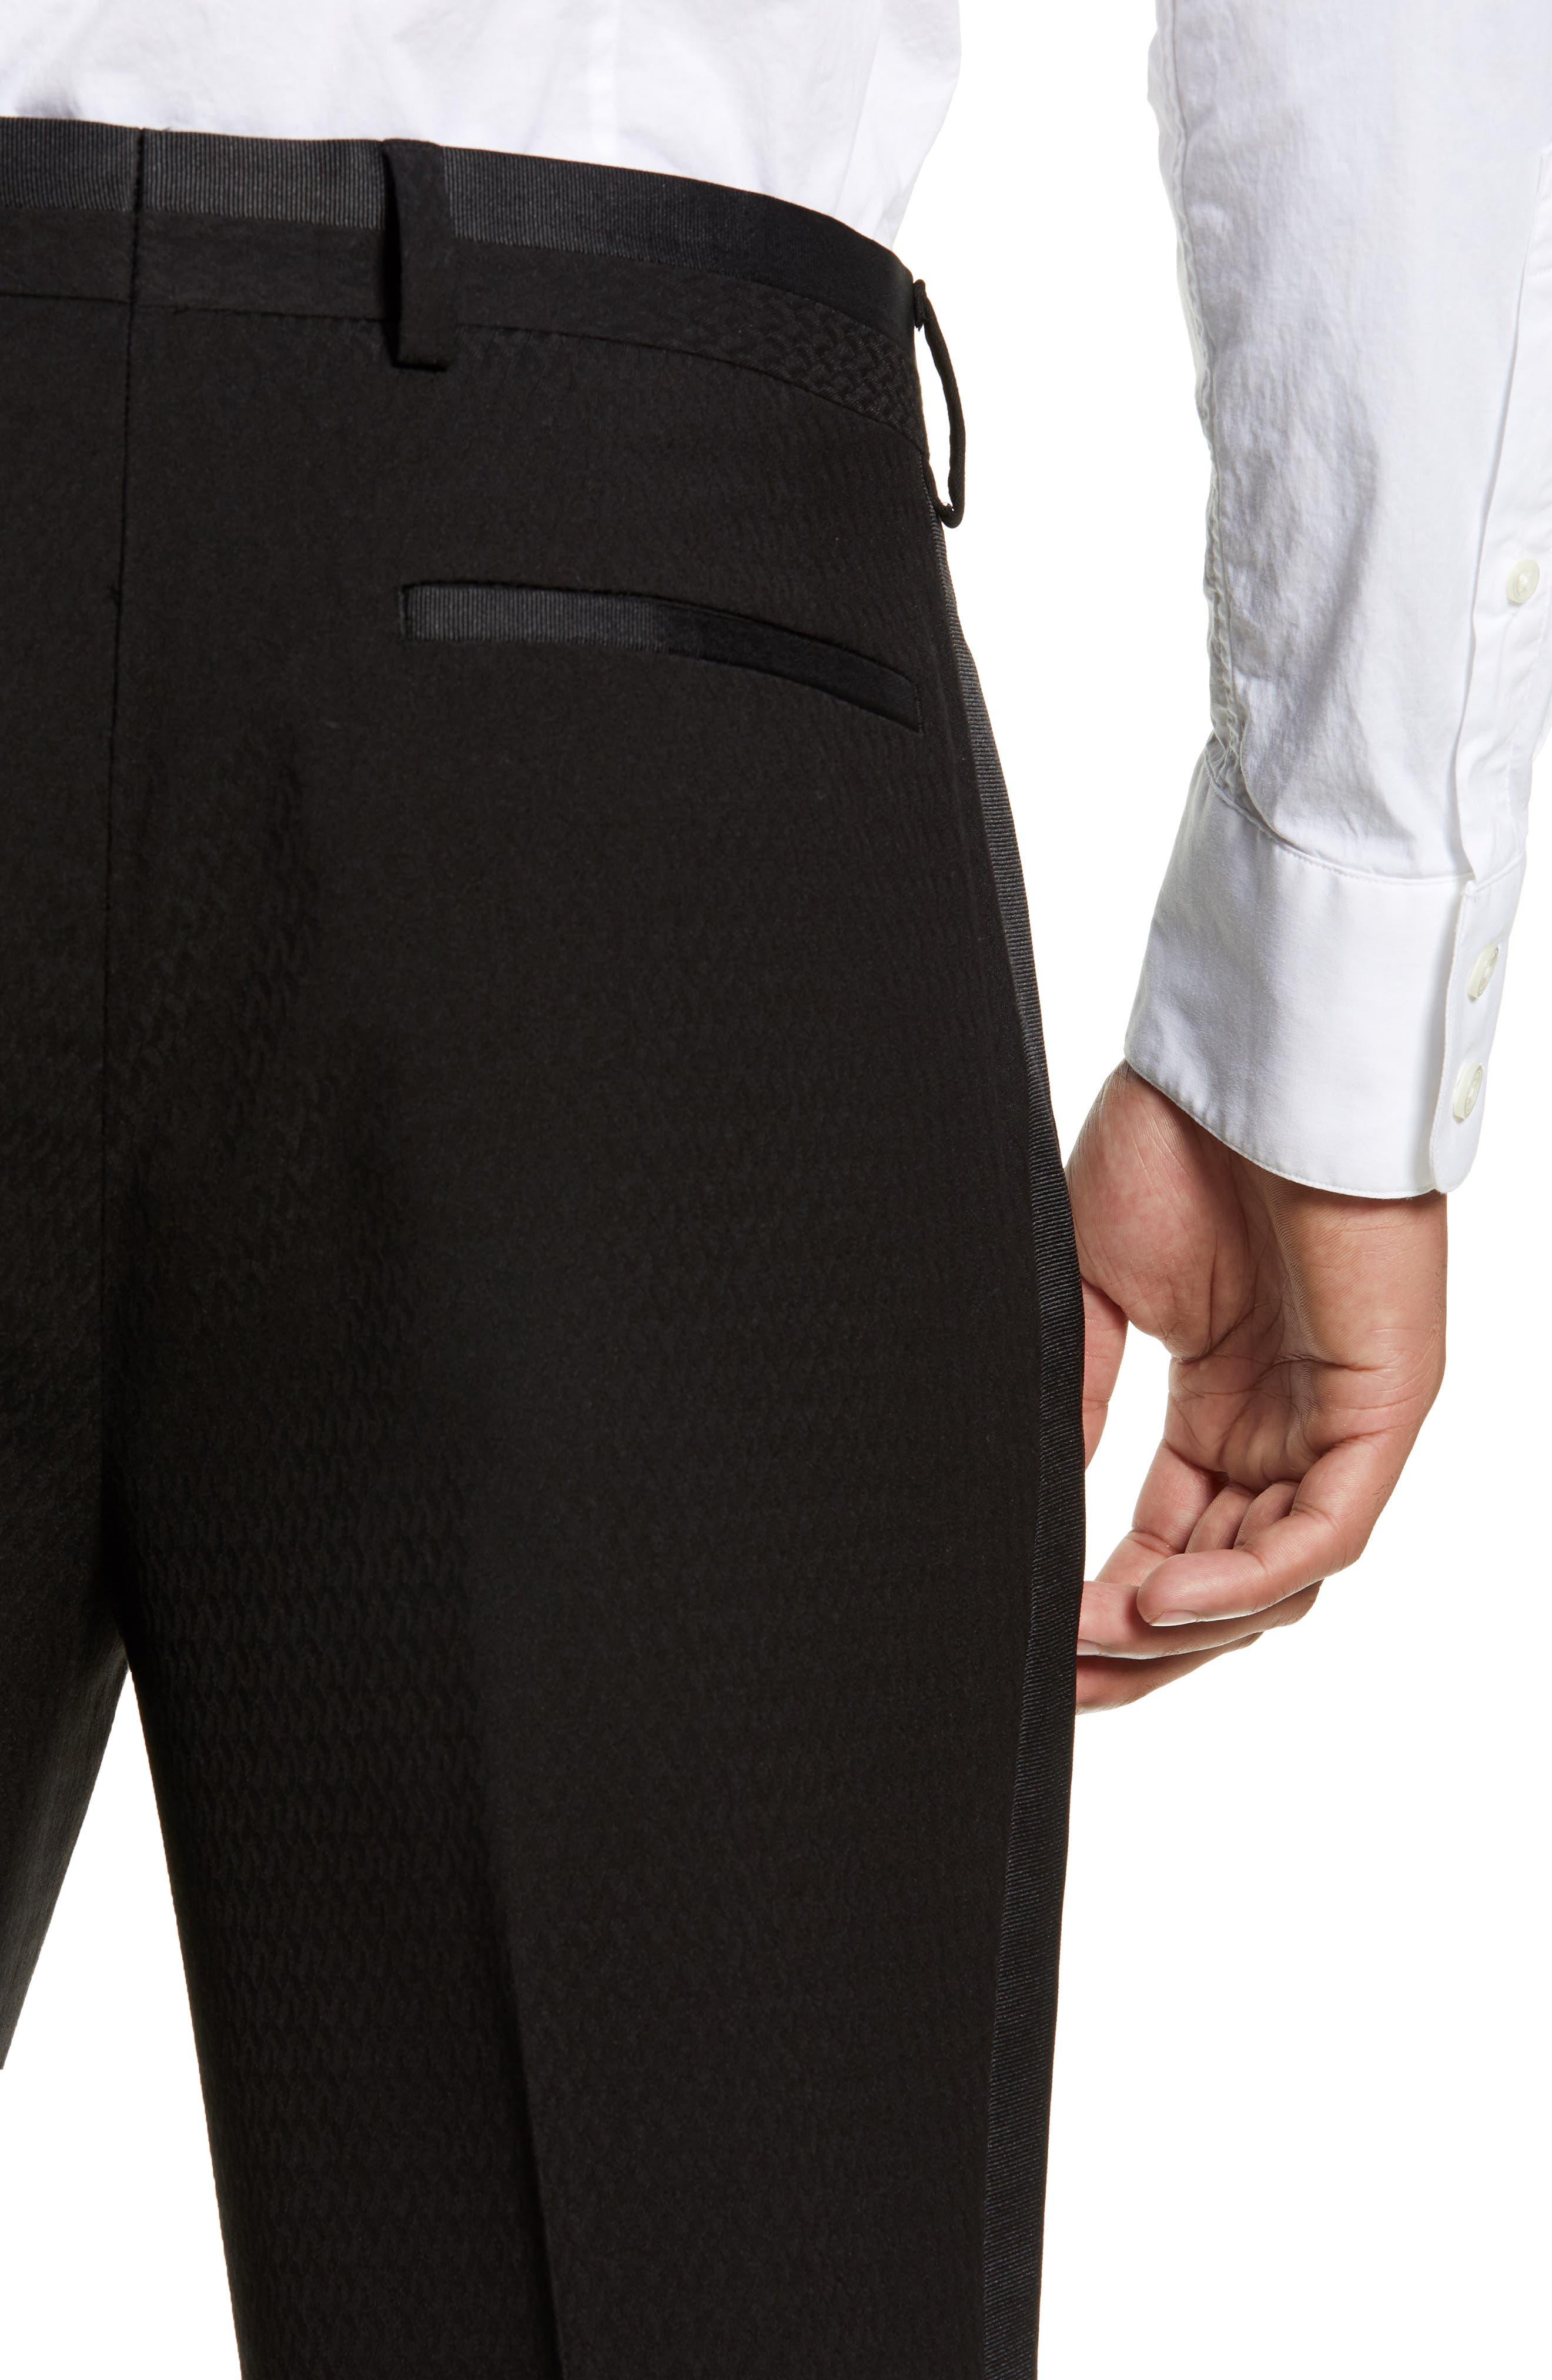 Kingley Slim Fit Tuxedo Pants,                             Alternate thumbnail 4, color,                             BLACK